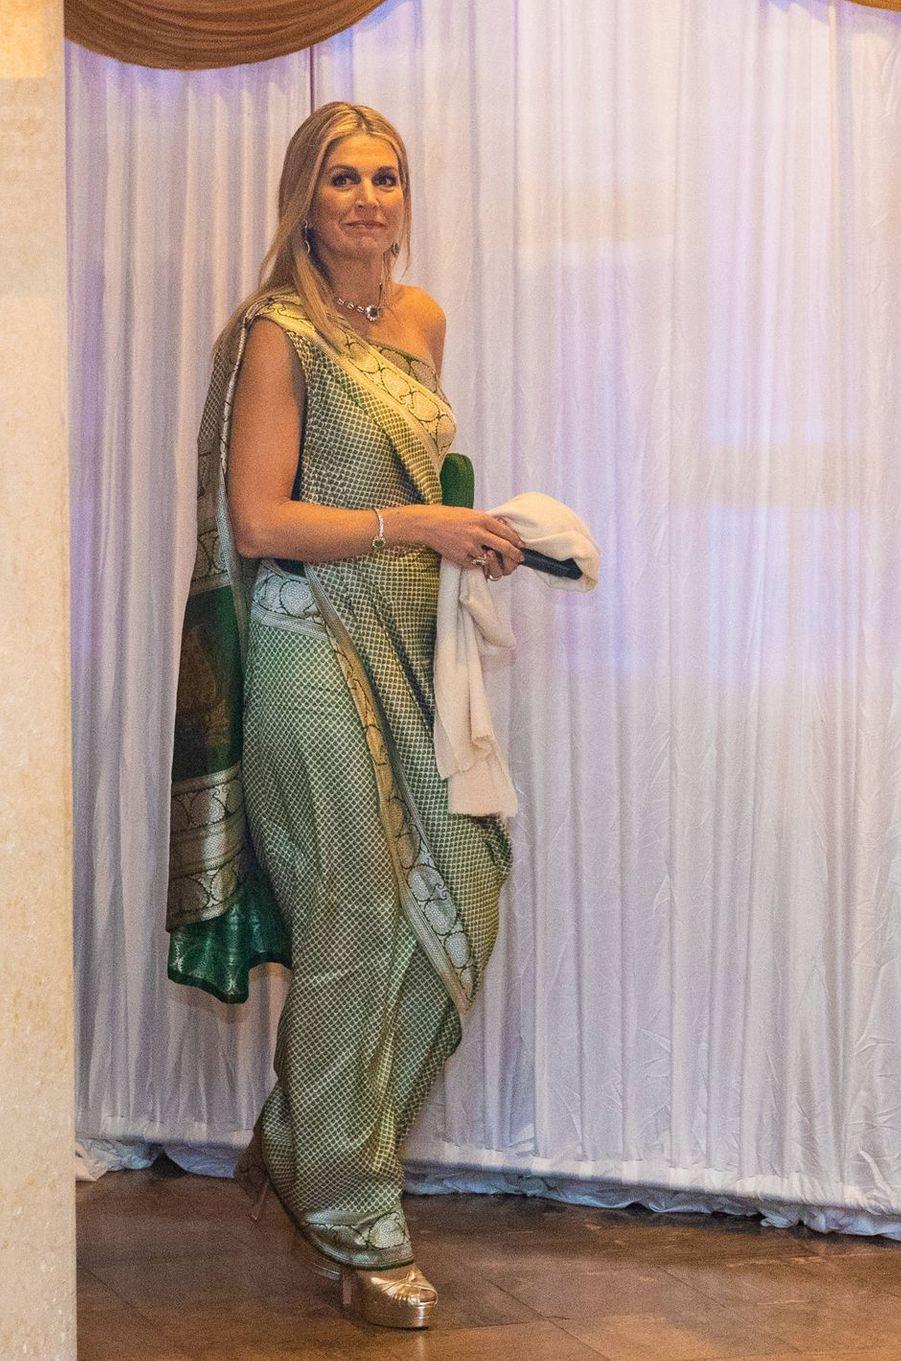 La reine Maxima des Pays-Bas dans un véritable sari indien en Inde, le 17 octobre 2019